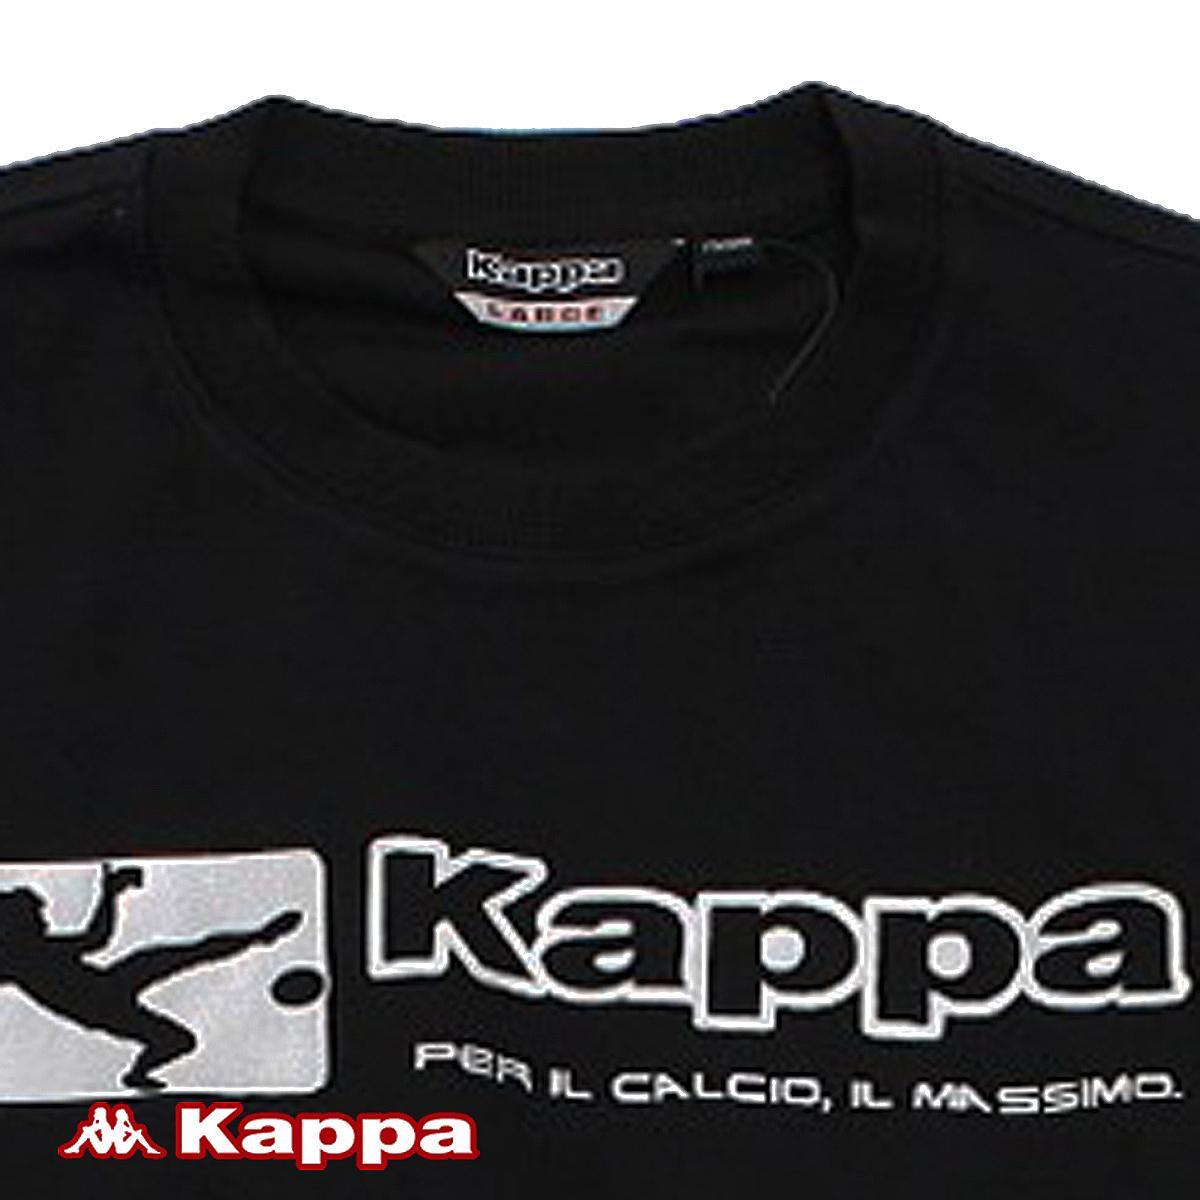 Спортивная толстовка Kappa k2093wt011/990. [4 ]/* K2093WT011-990 Мужская